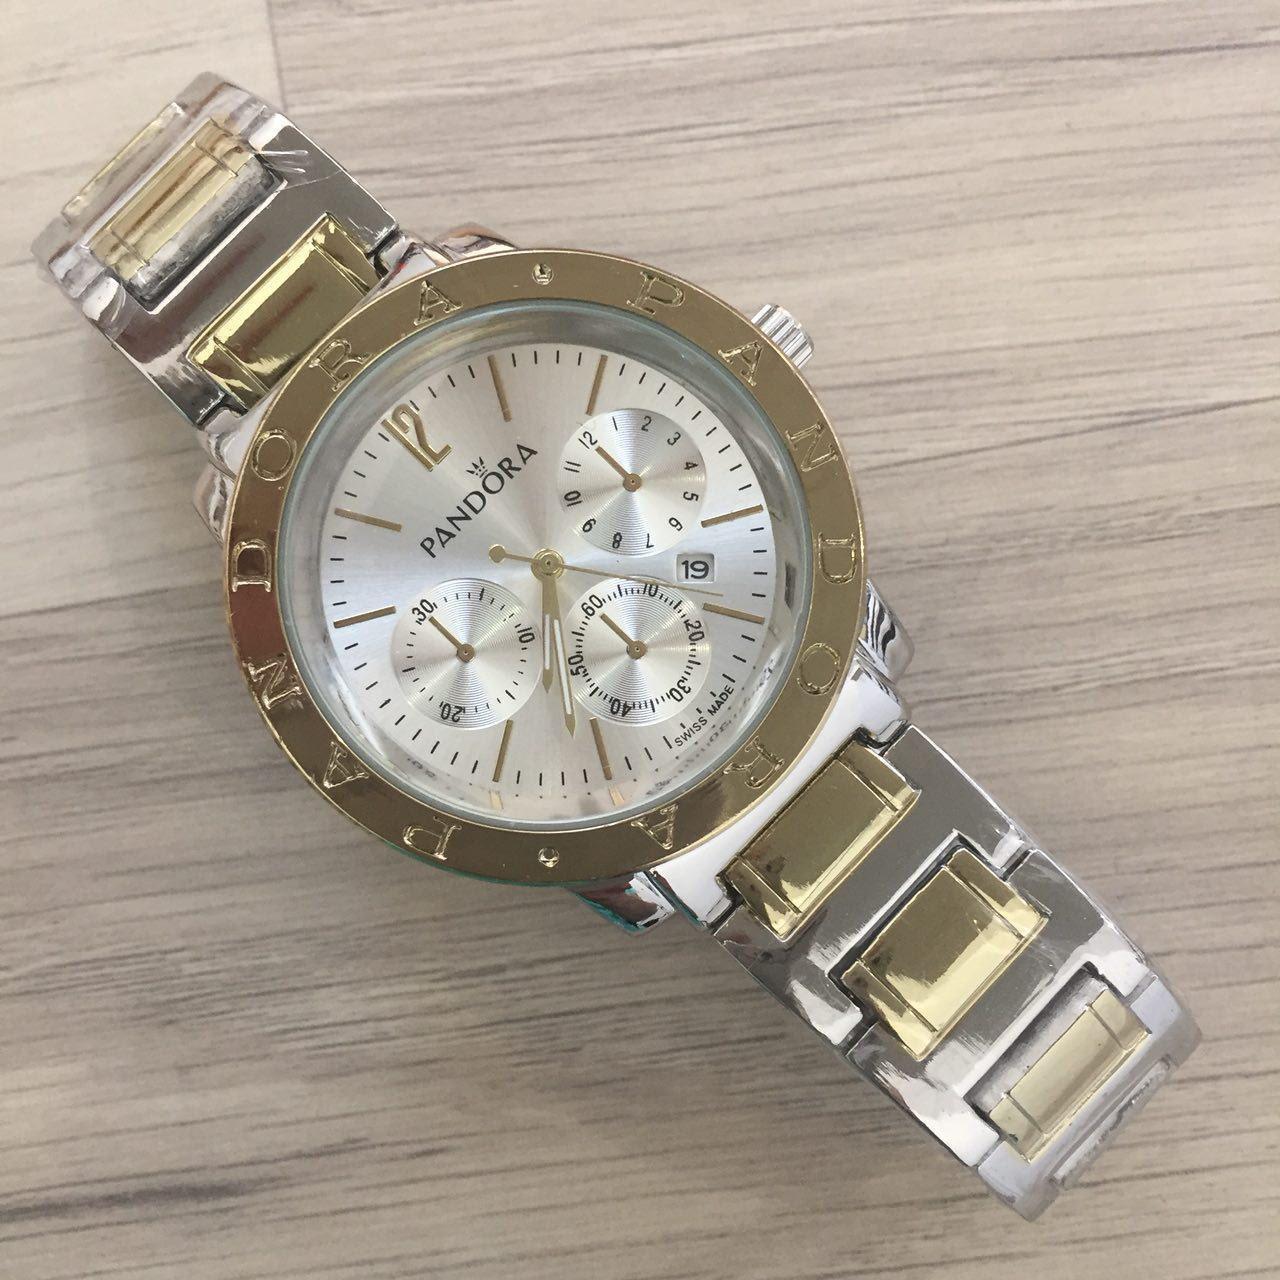 f811fd9c93bd Женские наручные часы Pandora (Пандора), серебристо - золотой корпус и  серебристый циферблат